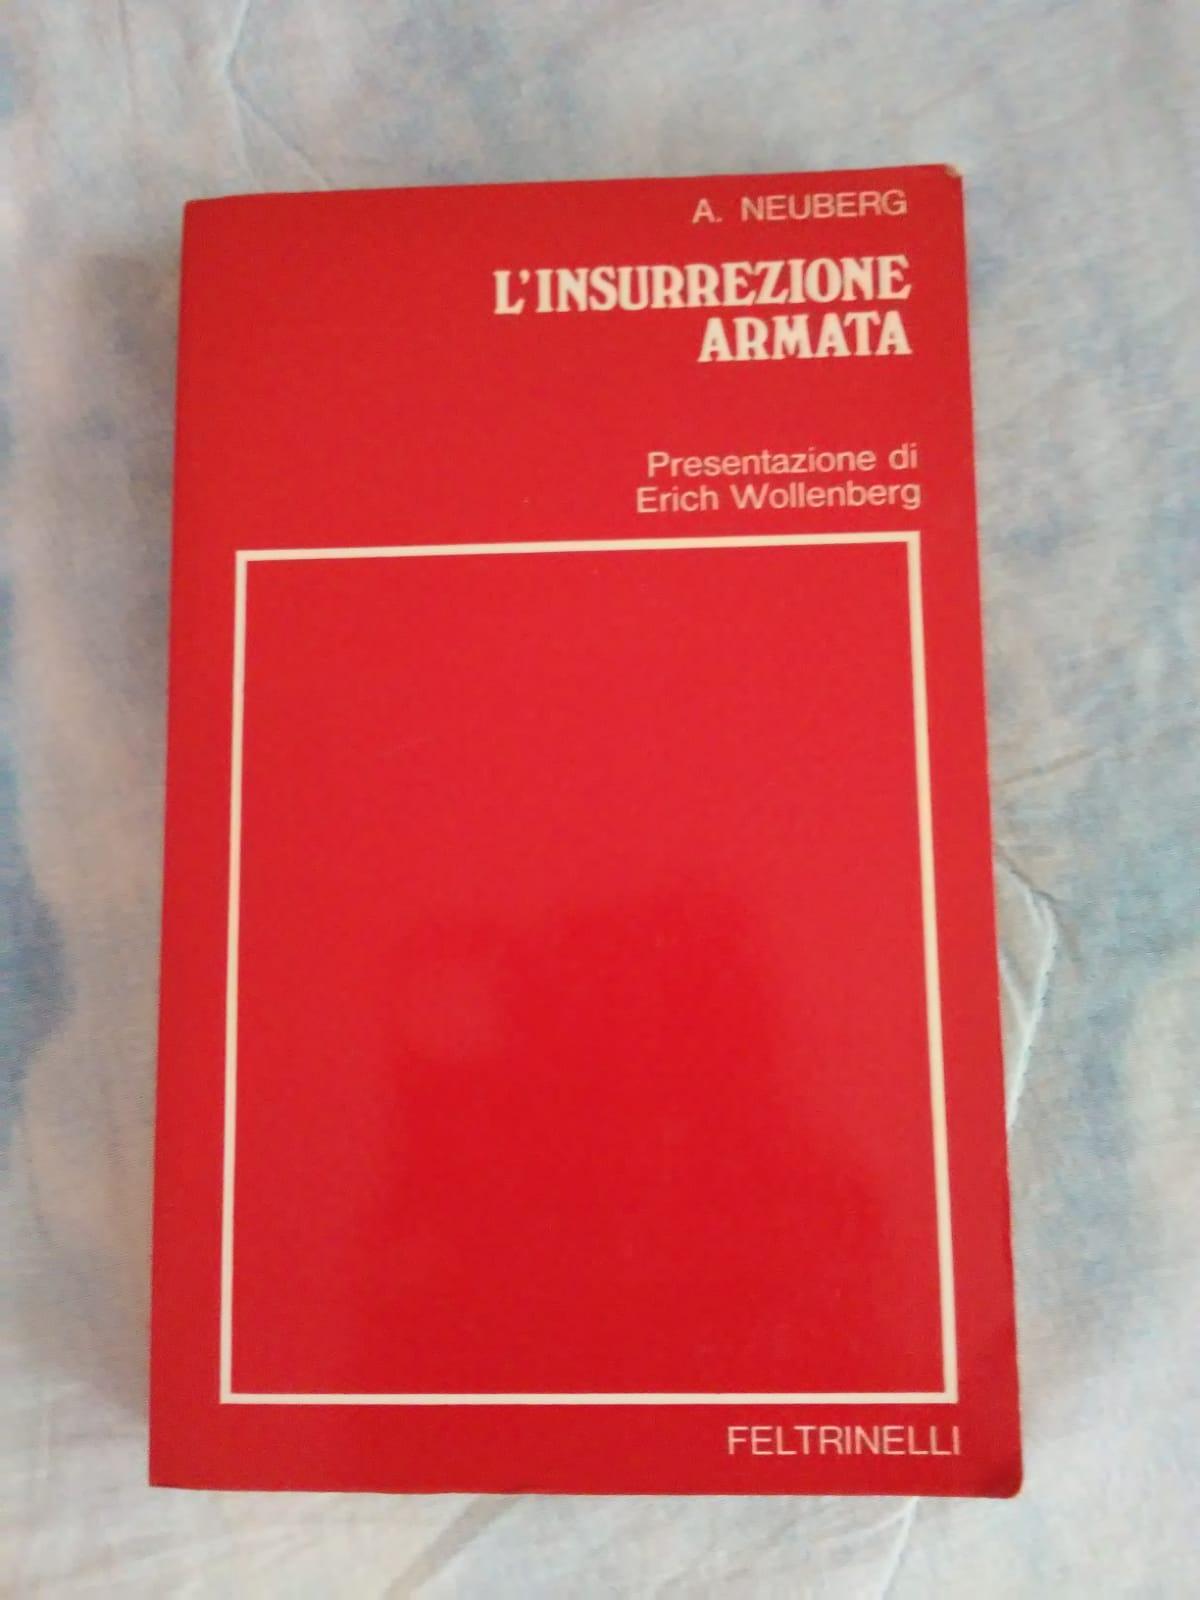 """""""L'insurrezione armata"""" di A. Neuberg in bancarella"""